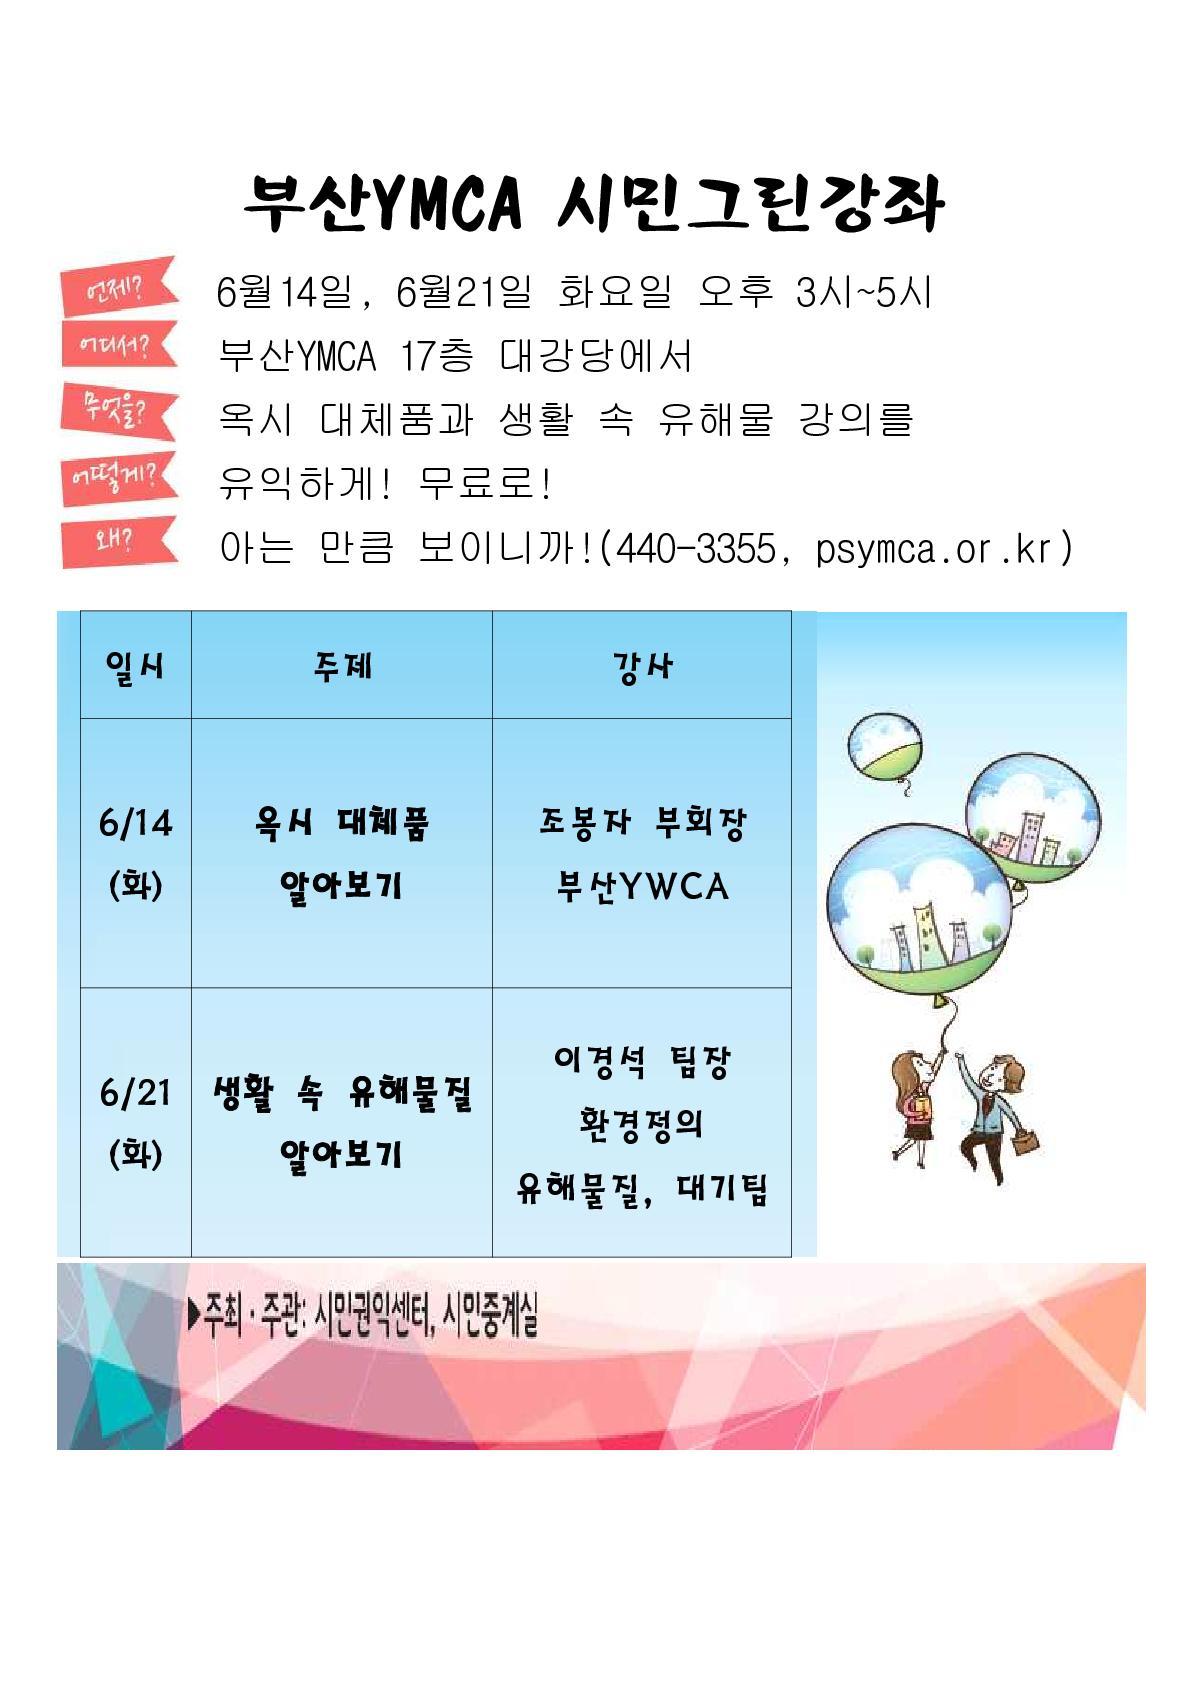 부산YMCA 시민그린강좌 게시물_1.jpg